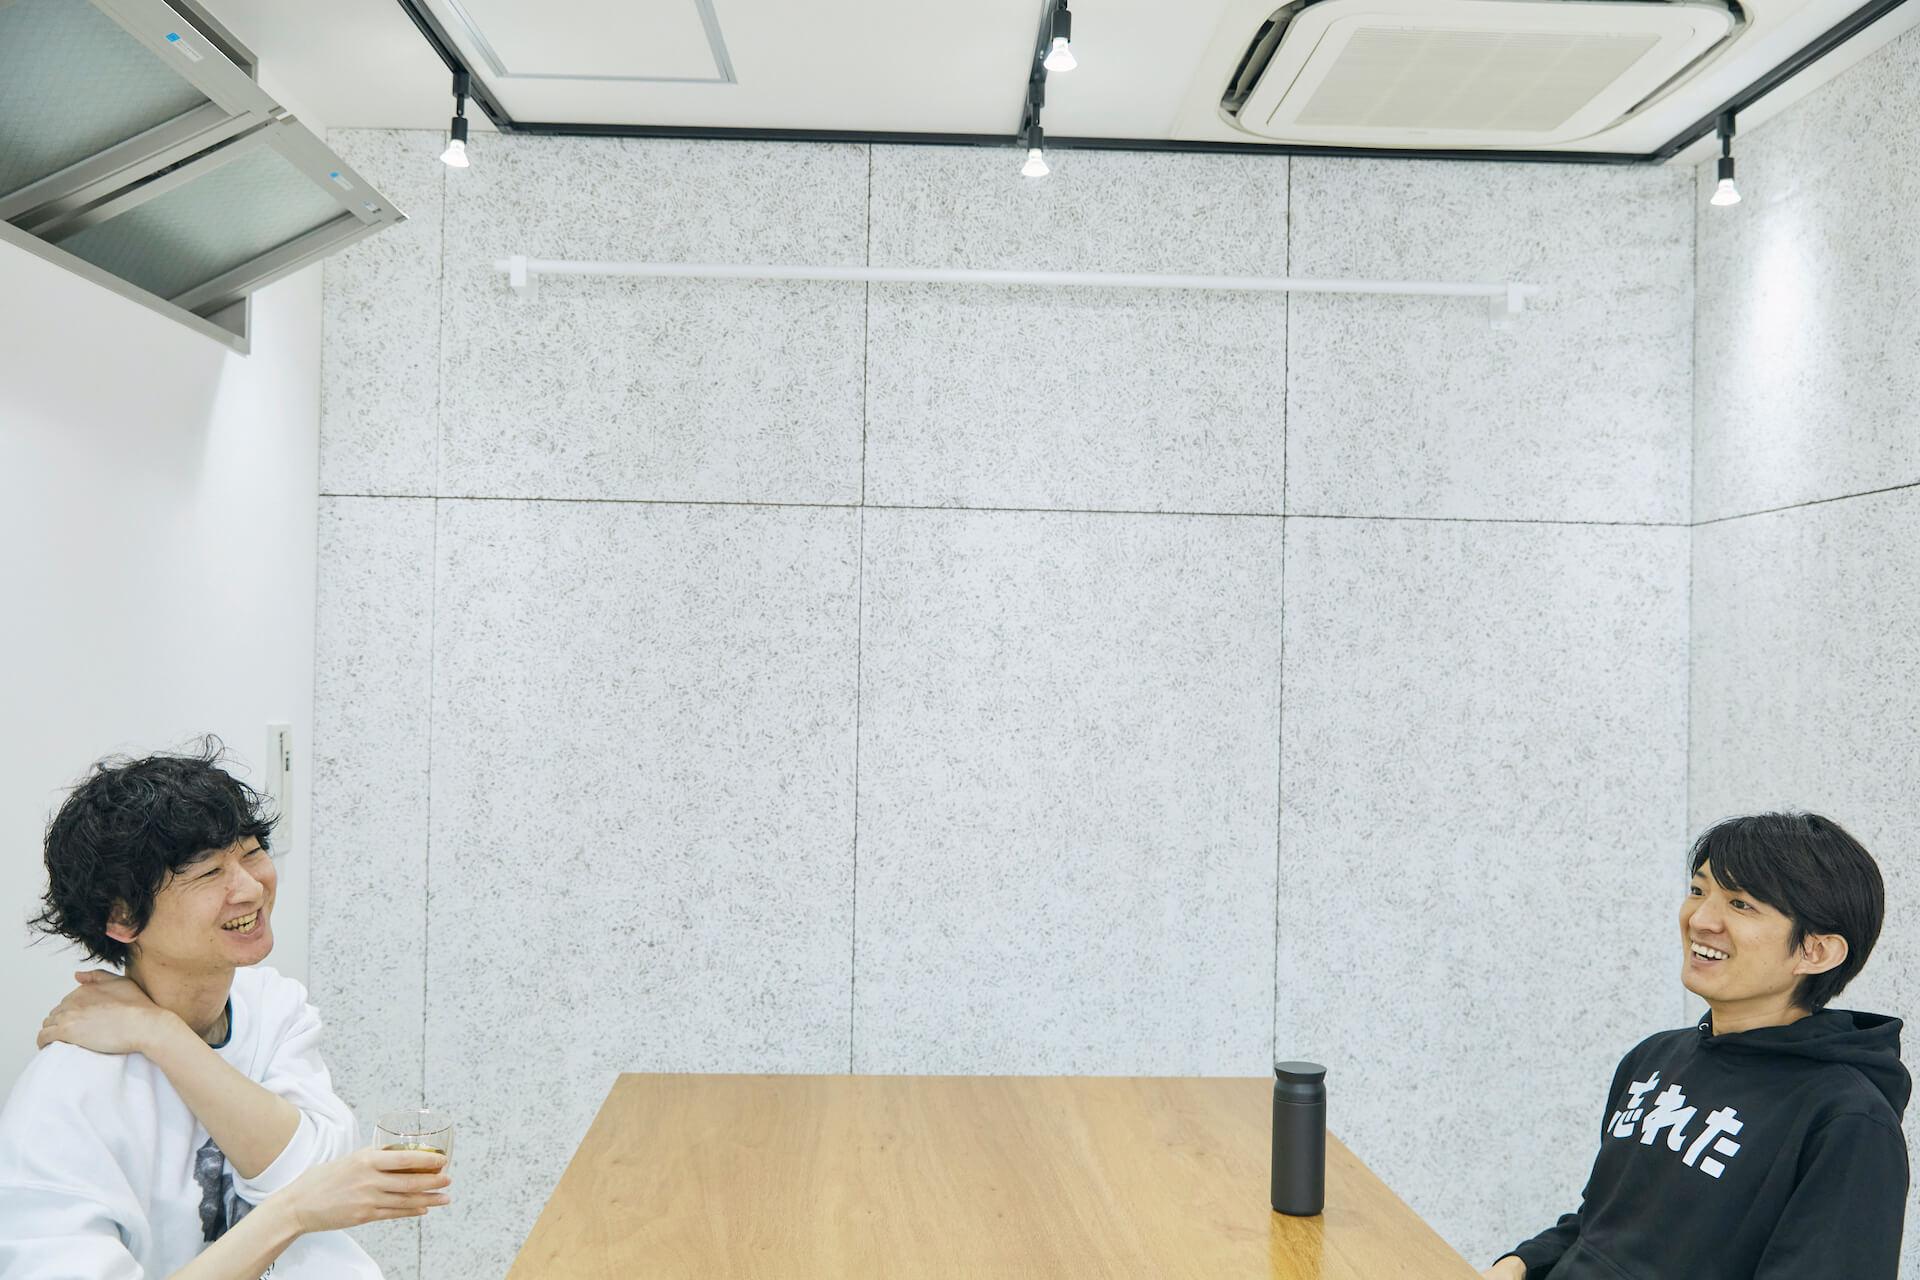 対談:澤田智洋(『マイノリティデザイン』)×柴田隆浩(忘れらんねえよ) 負けてる世界は美しい、それを愛して歌うというデザイン interview210419_sawada-07